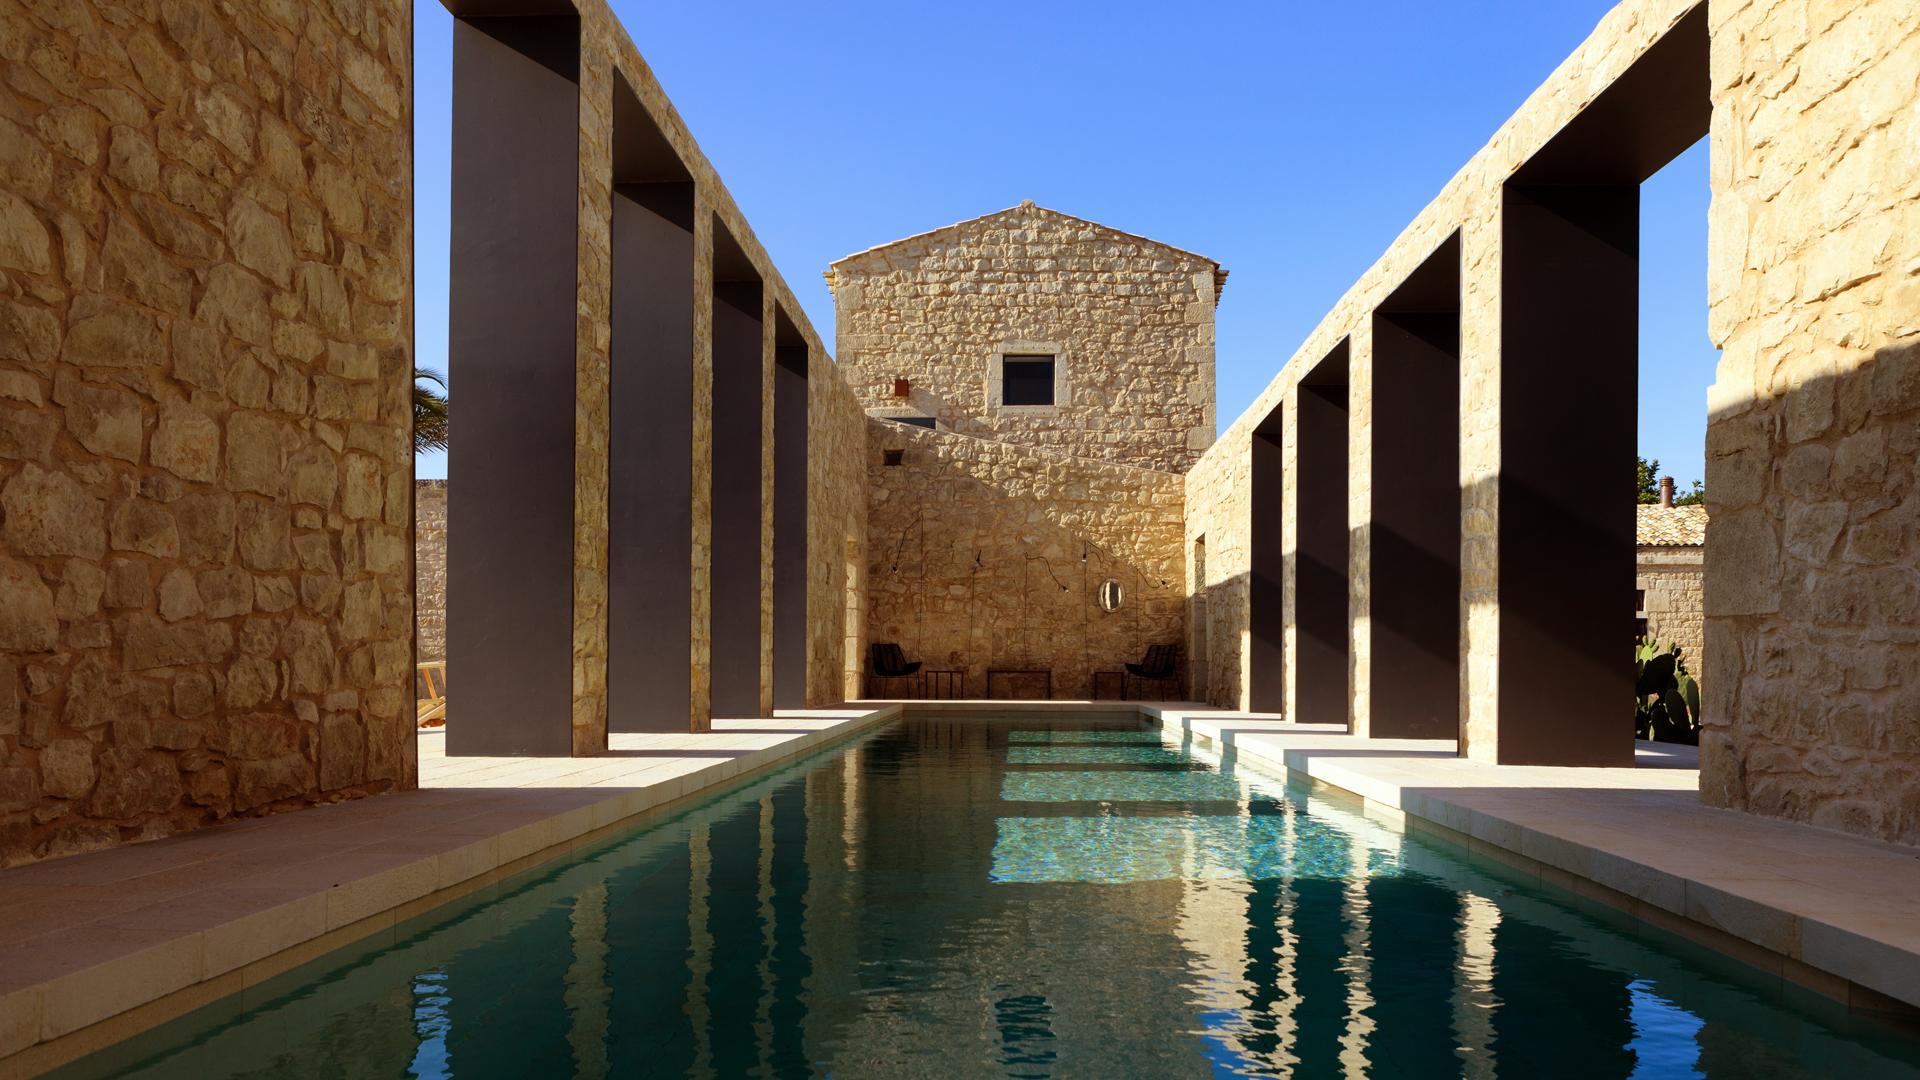 bevilacqua_architects_lachiusa_04